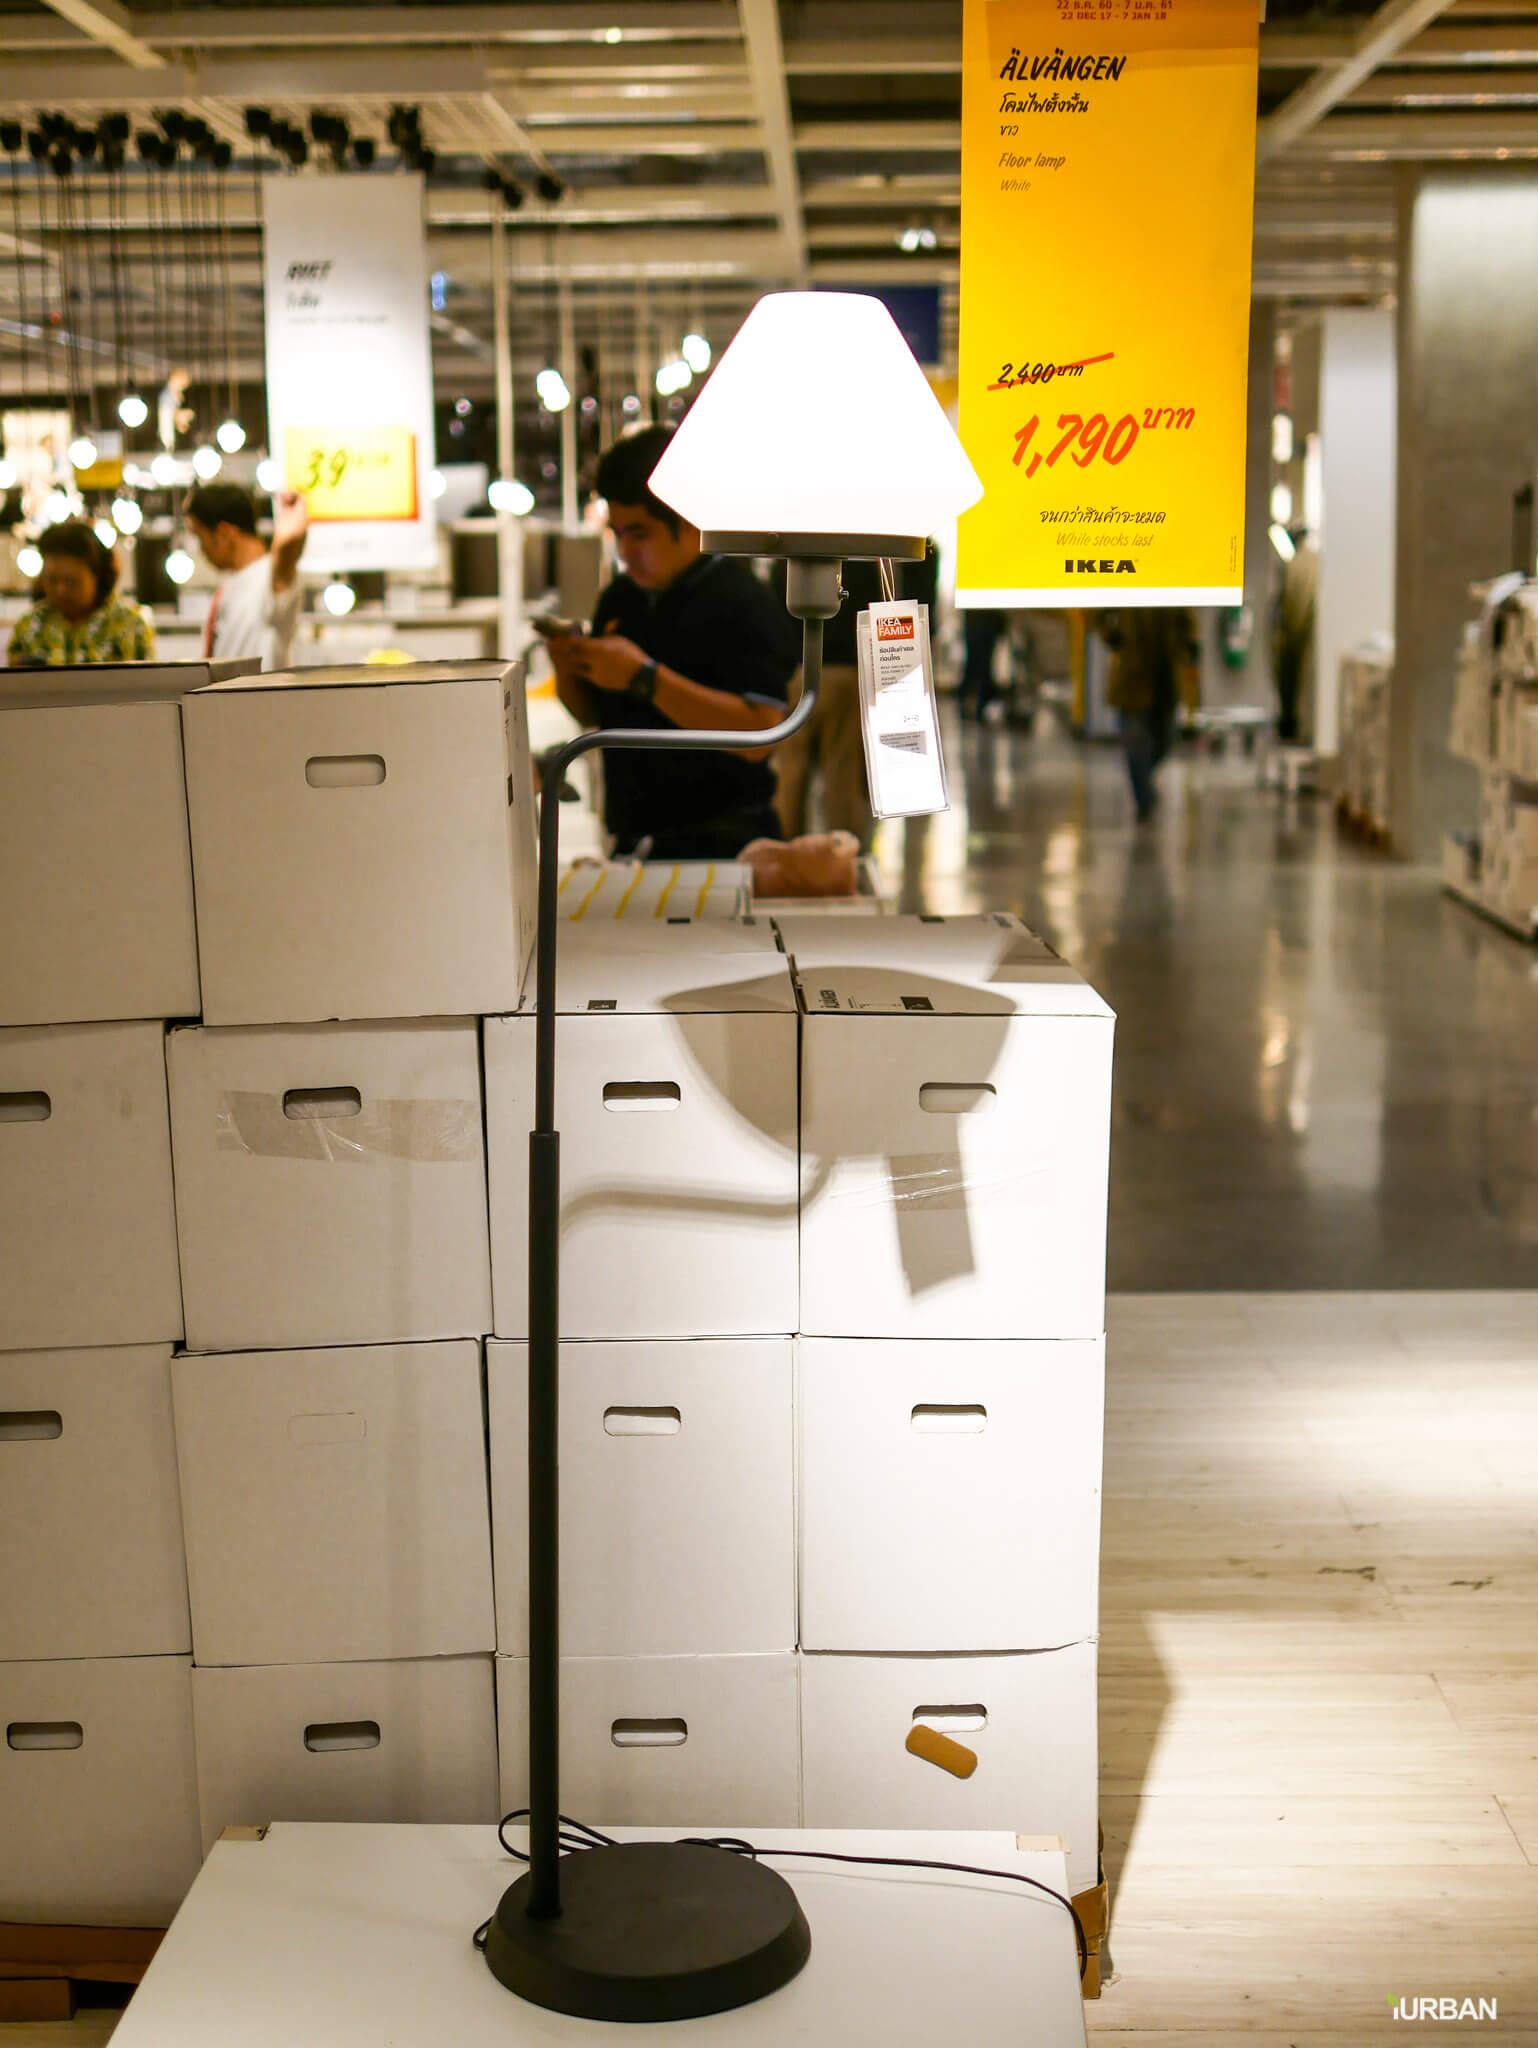 มันเยอะมากกกก!! IKEA Year End SALE 2017 รวมของเซลในอิเกีย ลดเยอะ ลดแหลก รีบพุ่งตัวไป วันนี้ - 7 มกราคม 61 179 - IKEA (อิเกีย)